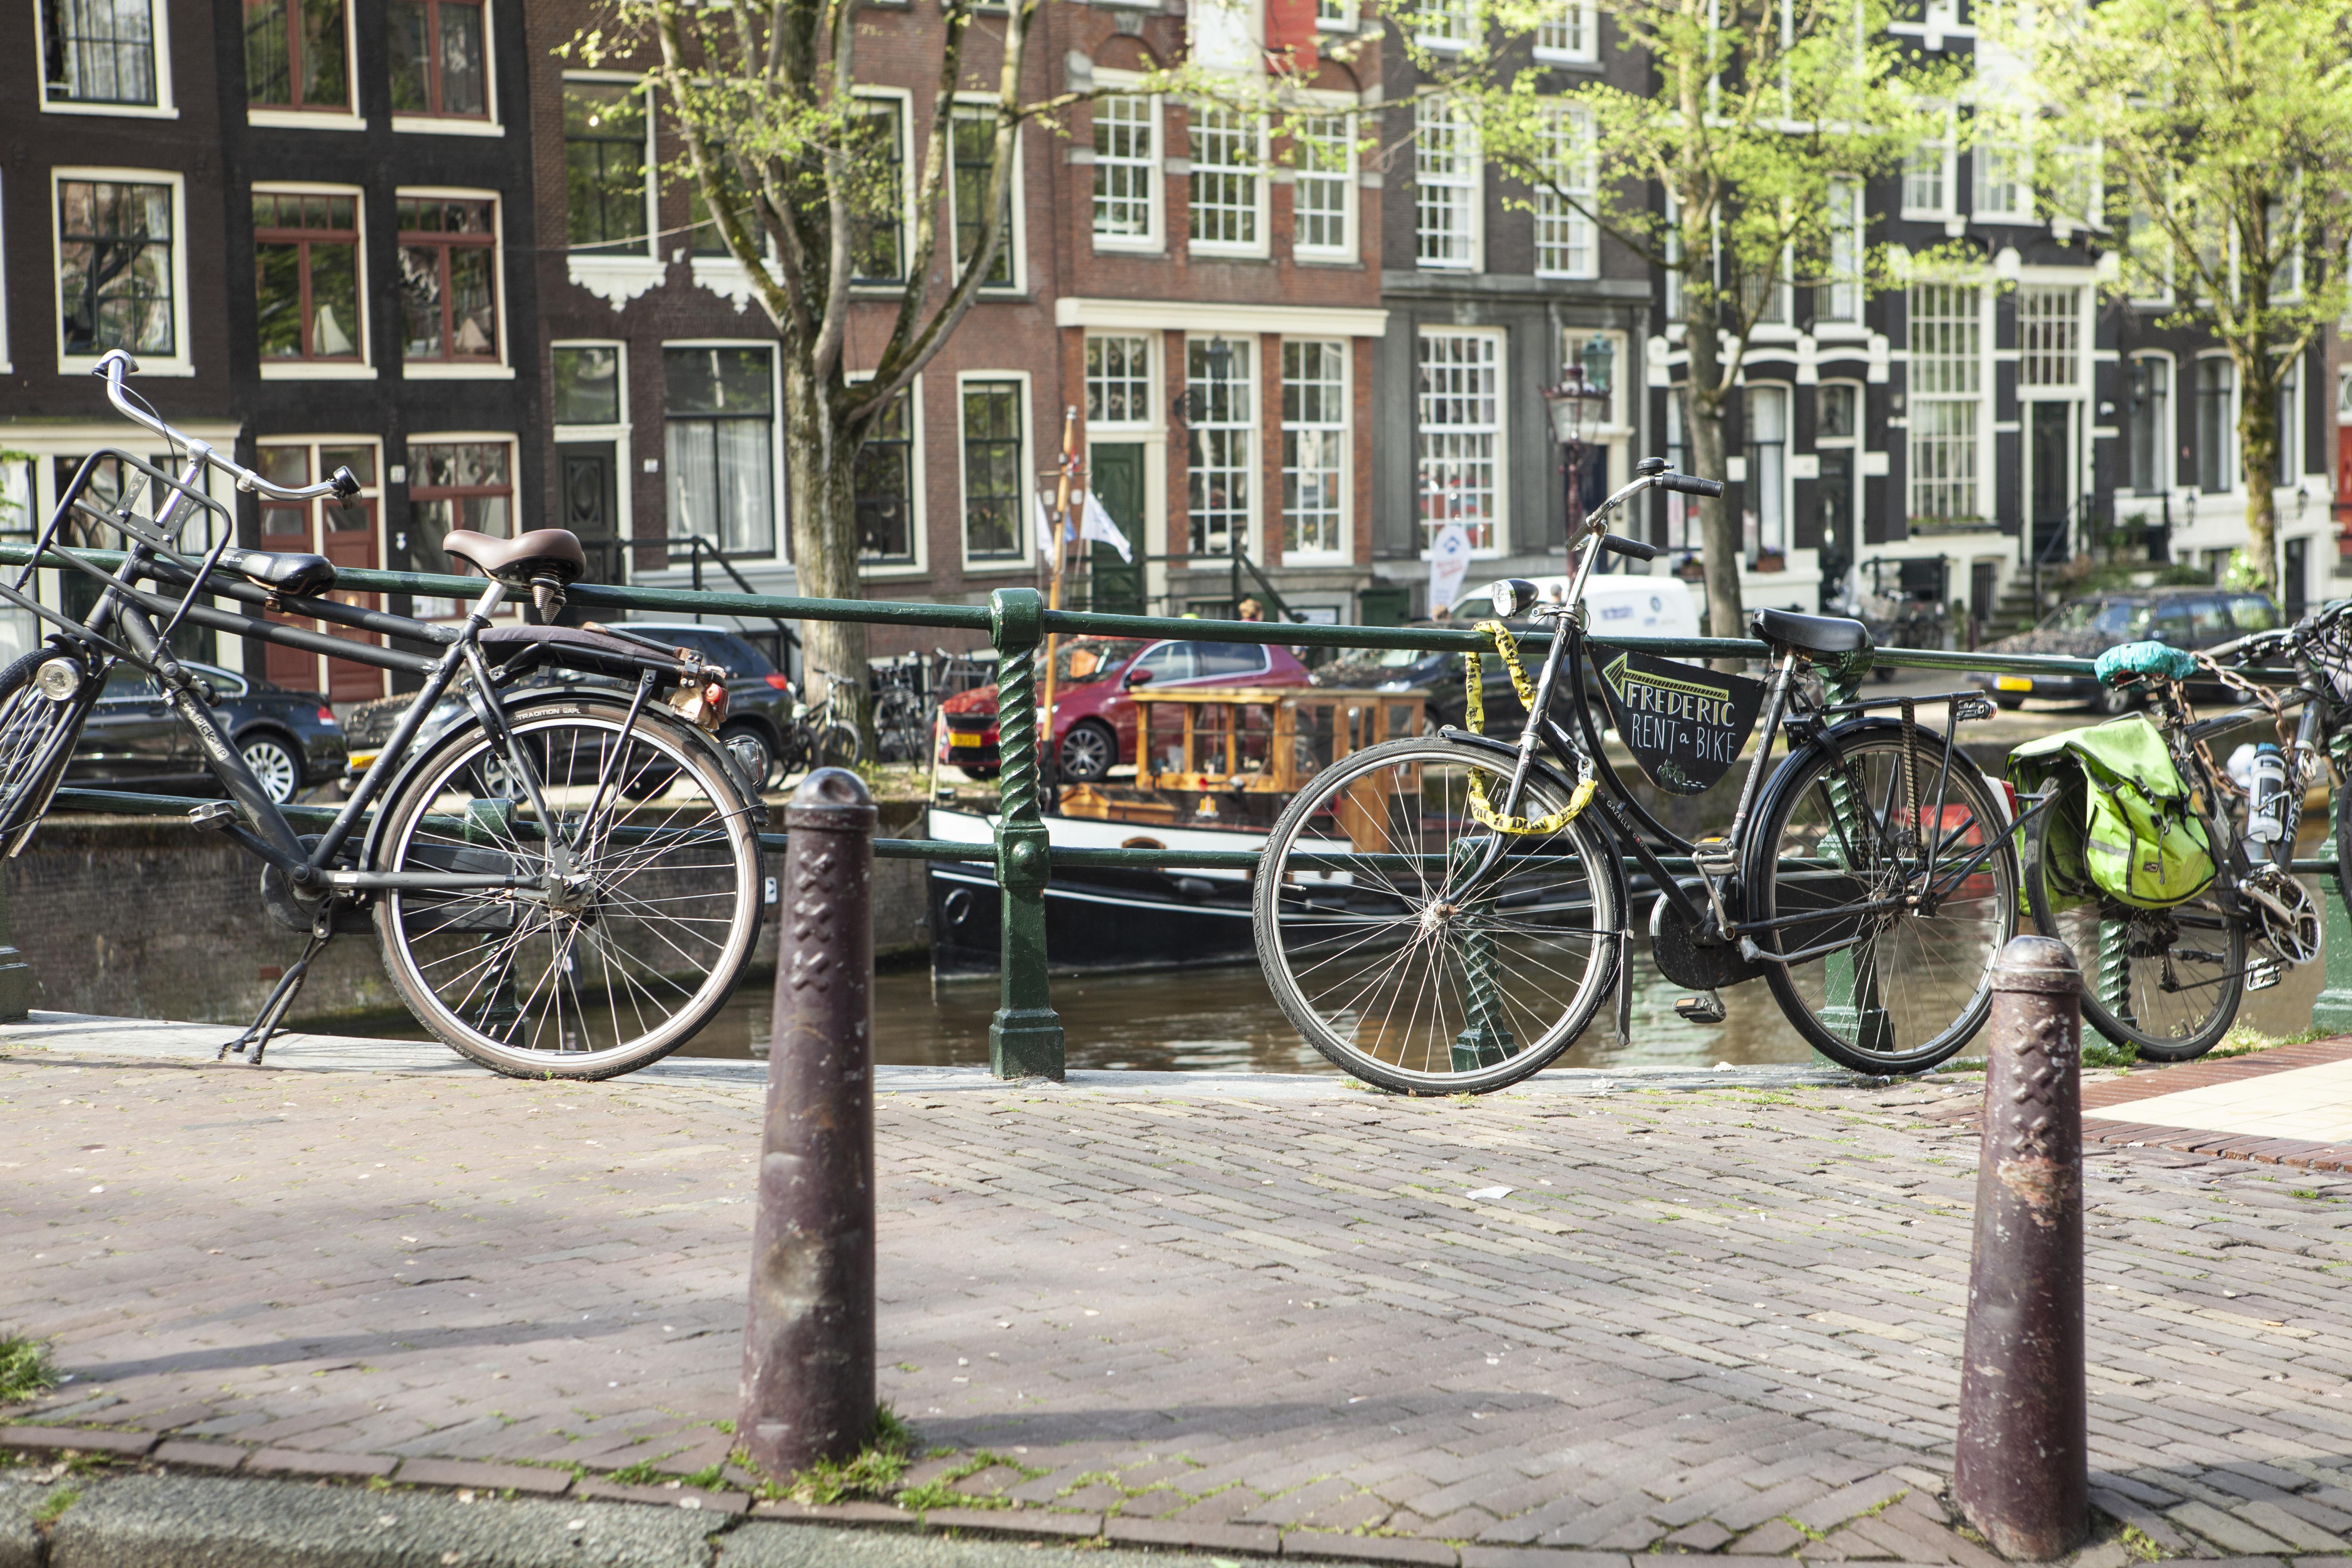 Frederic rent a bike_63.jpg